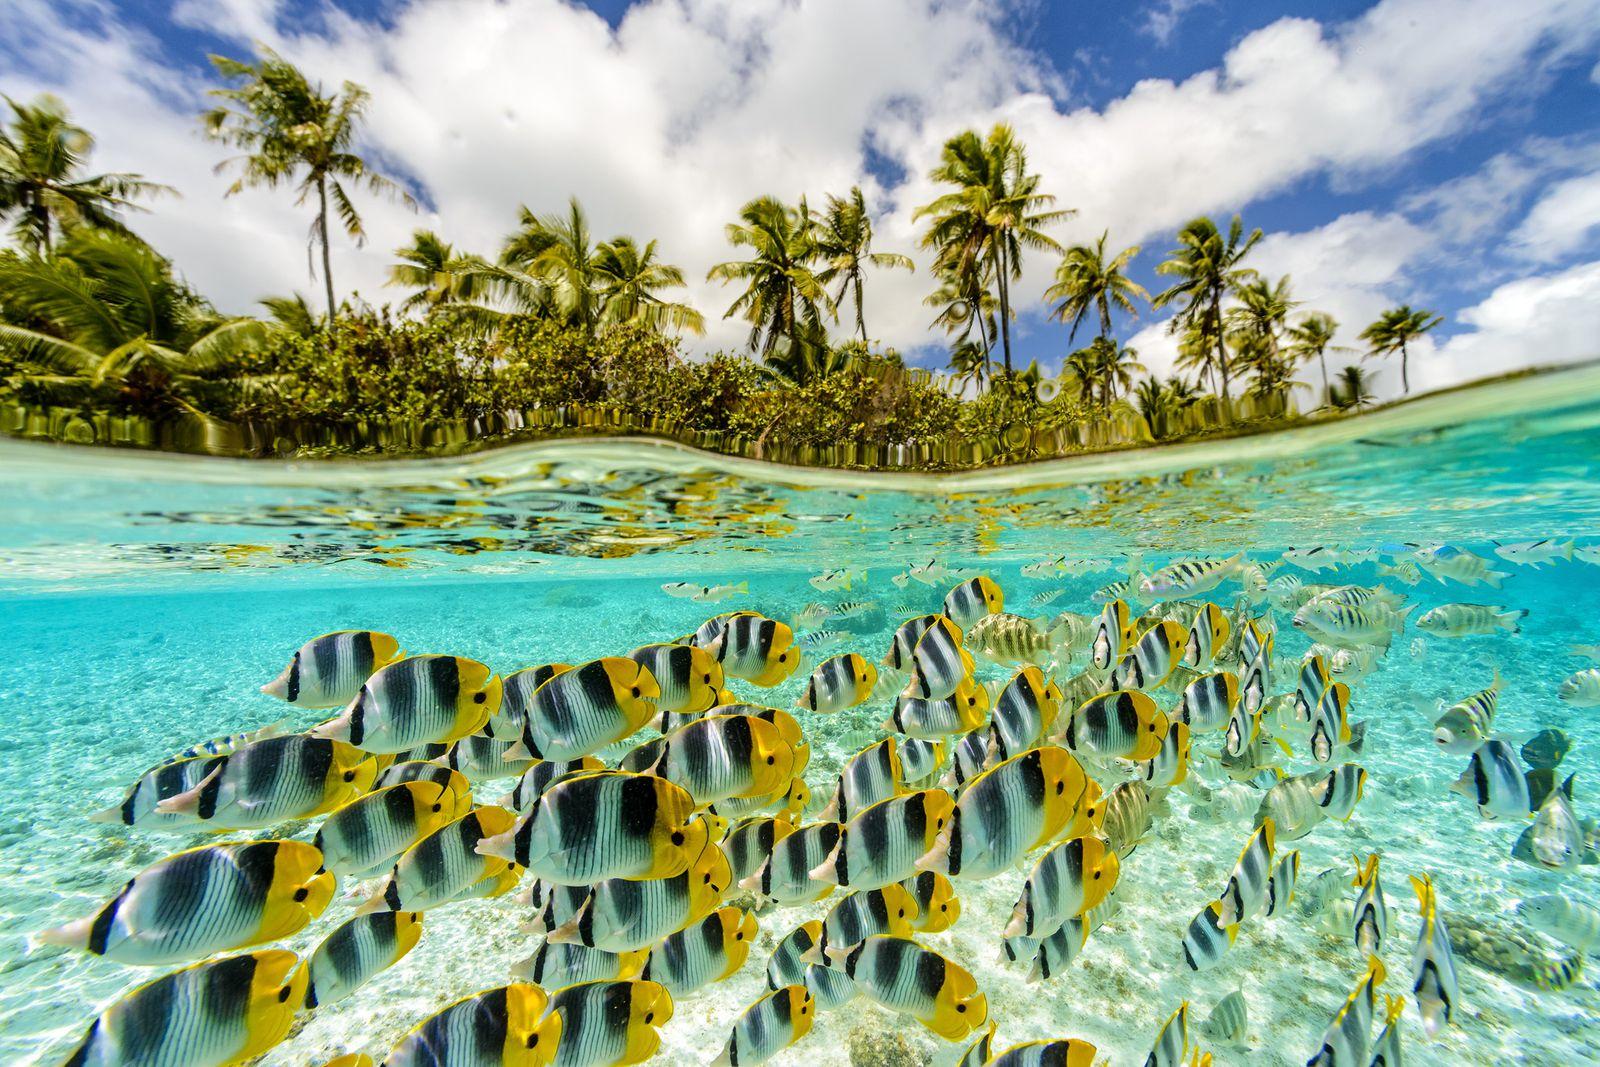 タヒチの魅力は、なんといっても透明度の高い海。どの島も見渡すかぎりエメラルドグリーンの海が広がっています。年間平均気温は約27度、平均水温も26度と暖かいので、一年中泳ぐことができますよ。